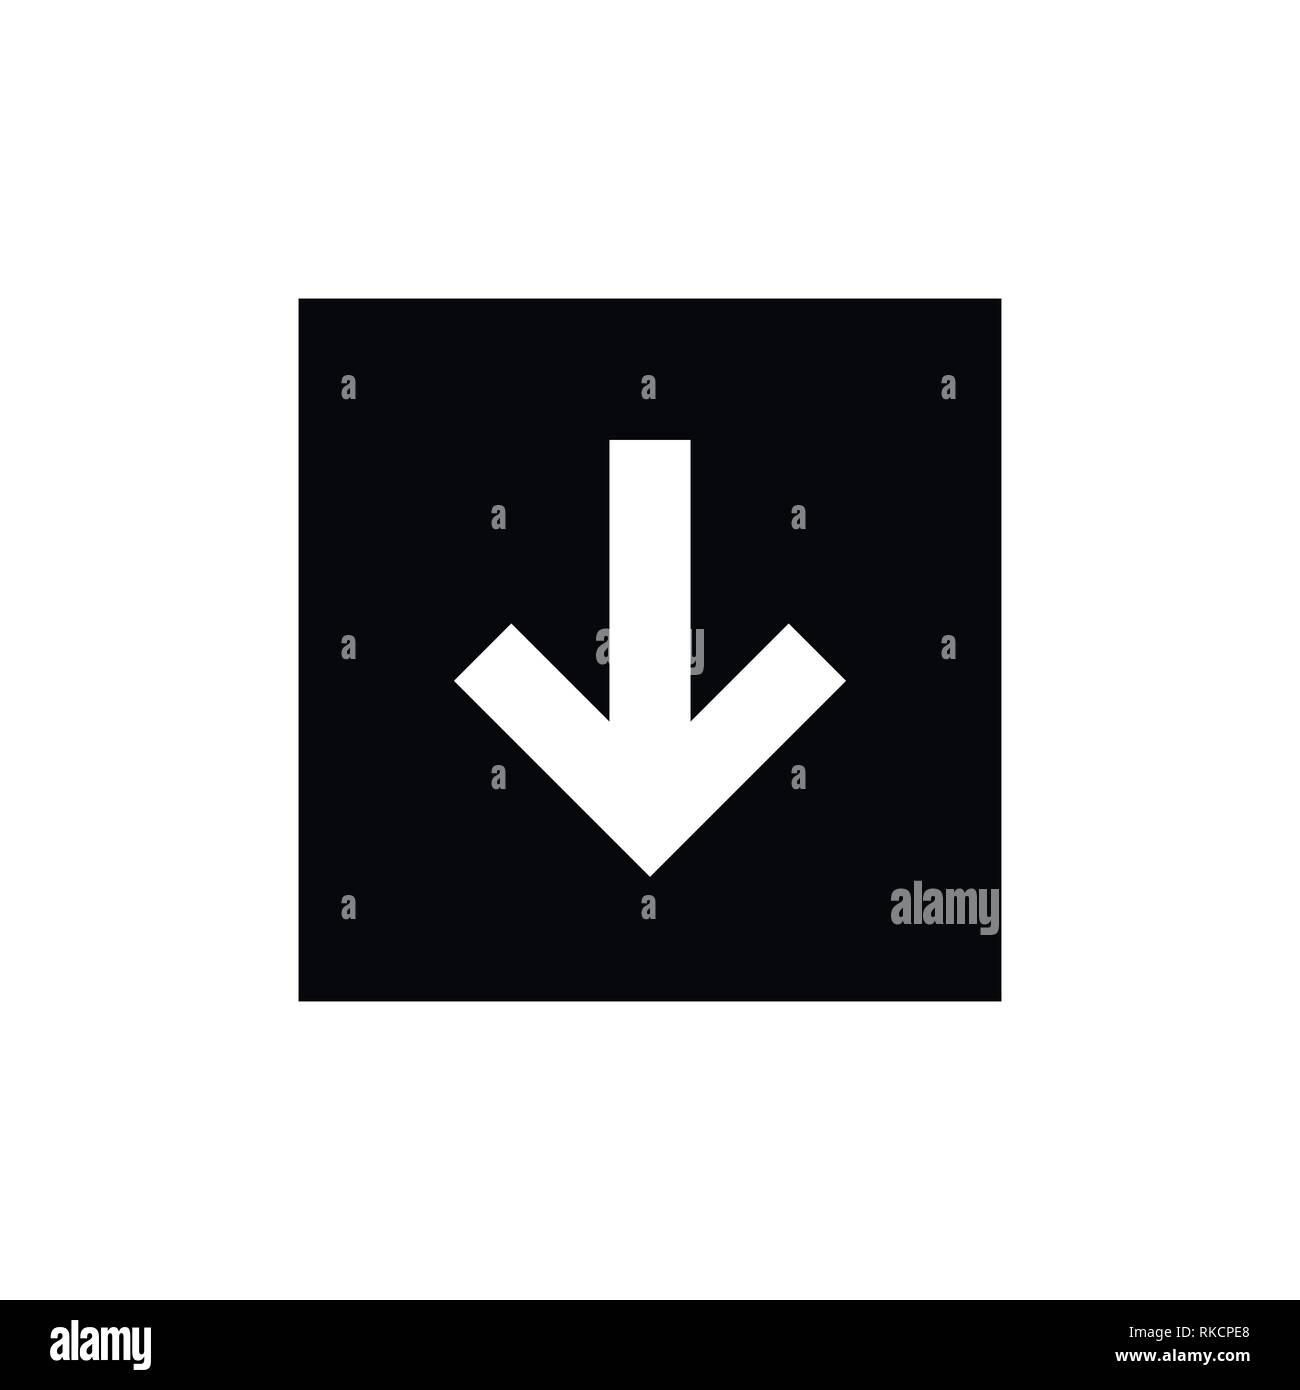 91b98d13508e0 Descargar Icono simple descarga de internet signo imagen vectorial ...